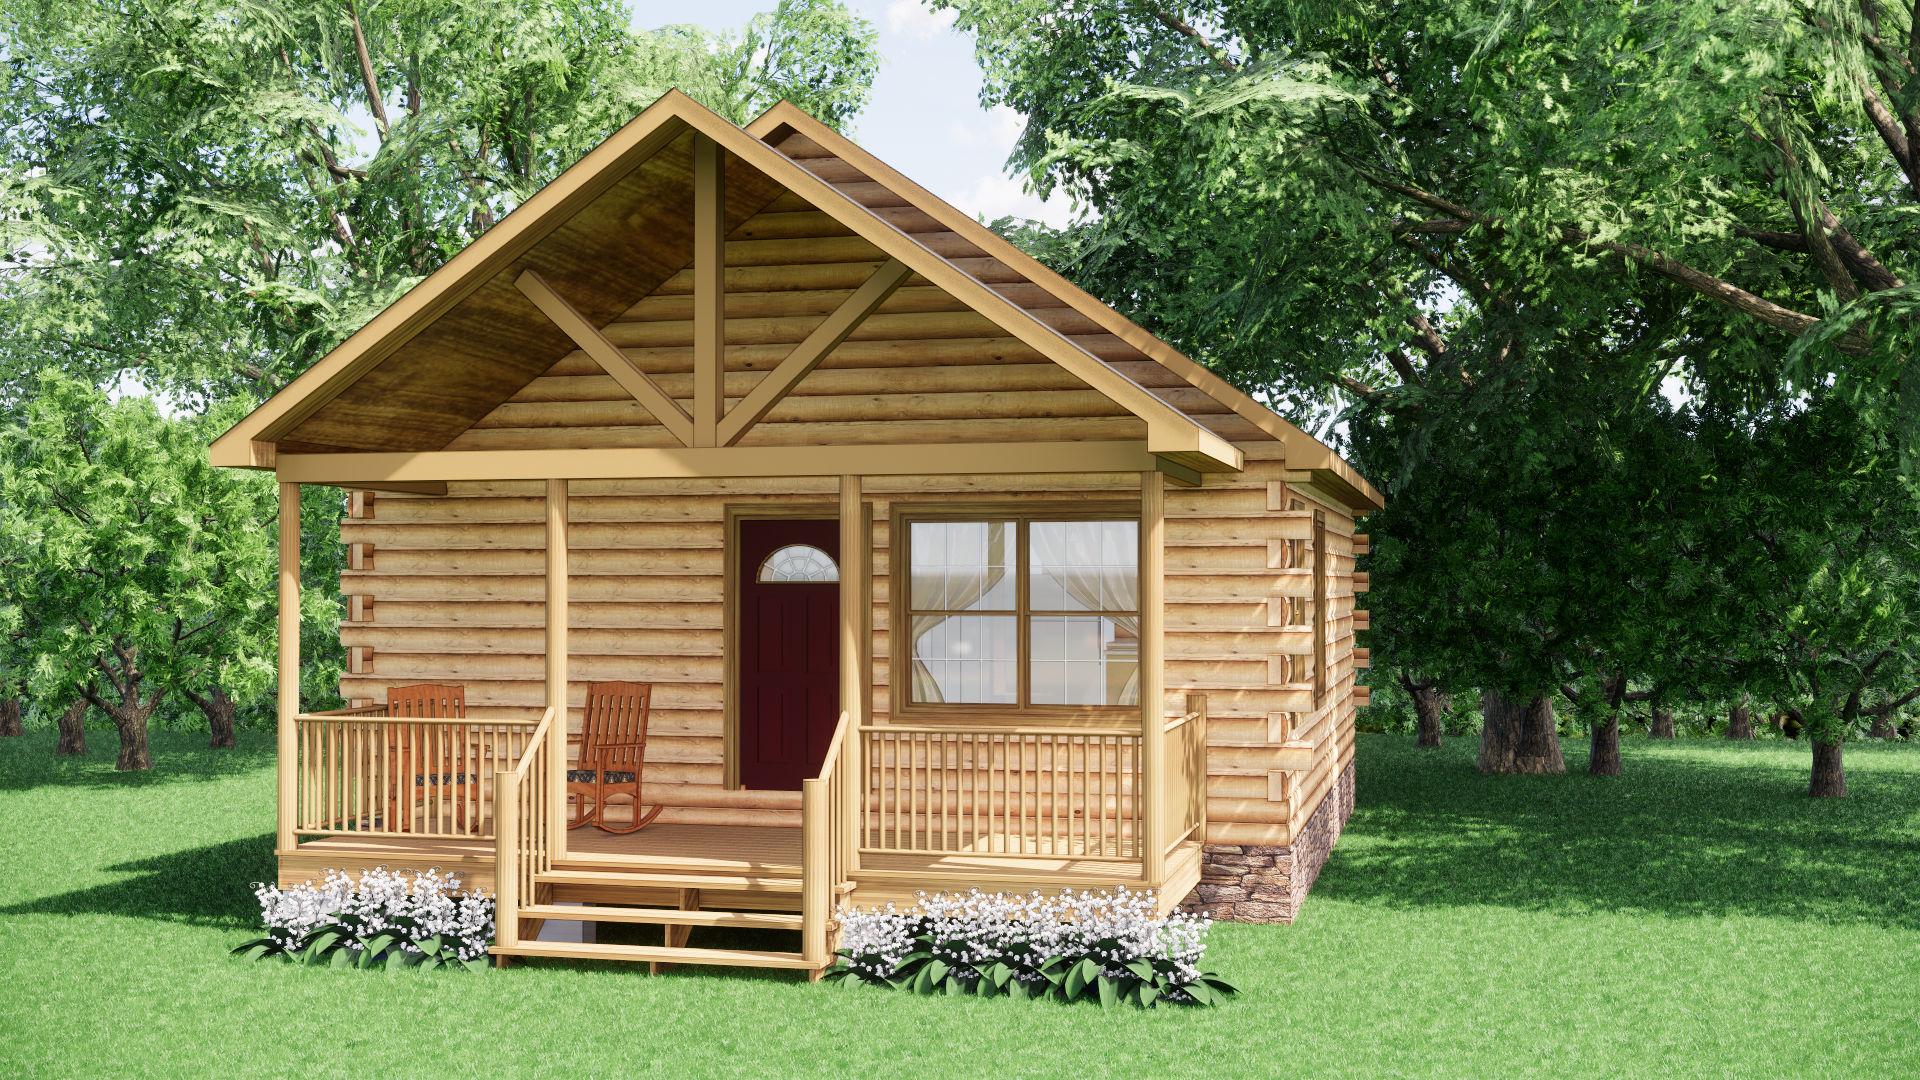 Small Log Cabins - Small Log Cabin Kits 3